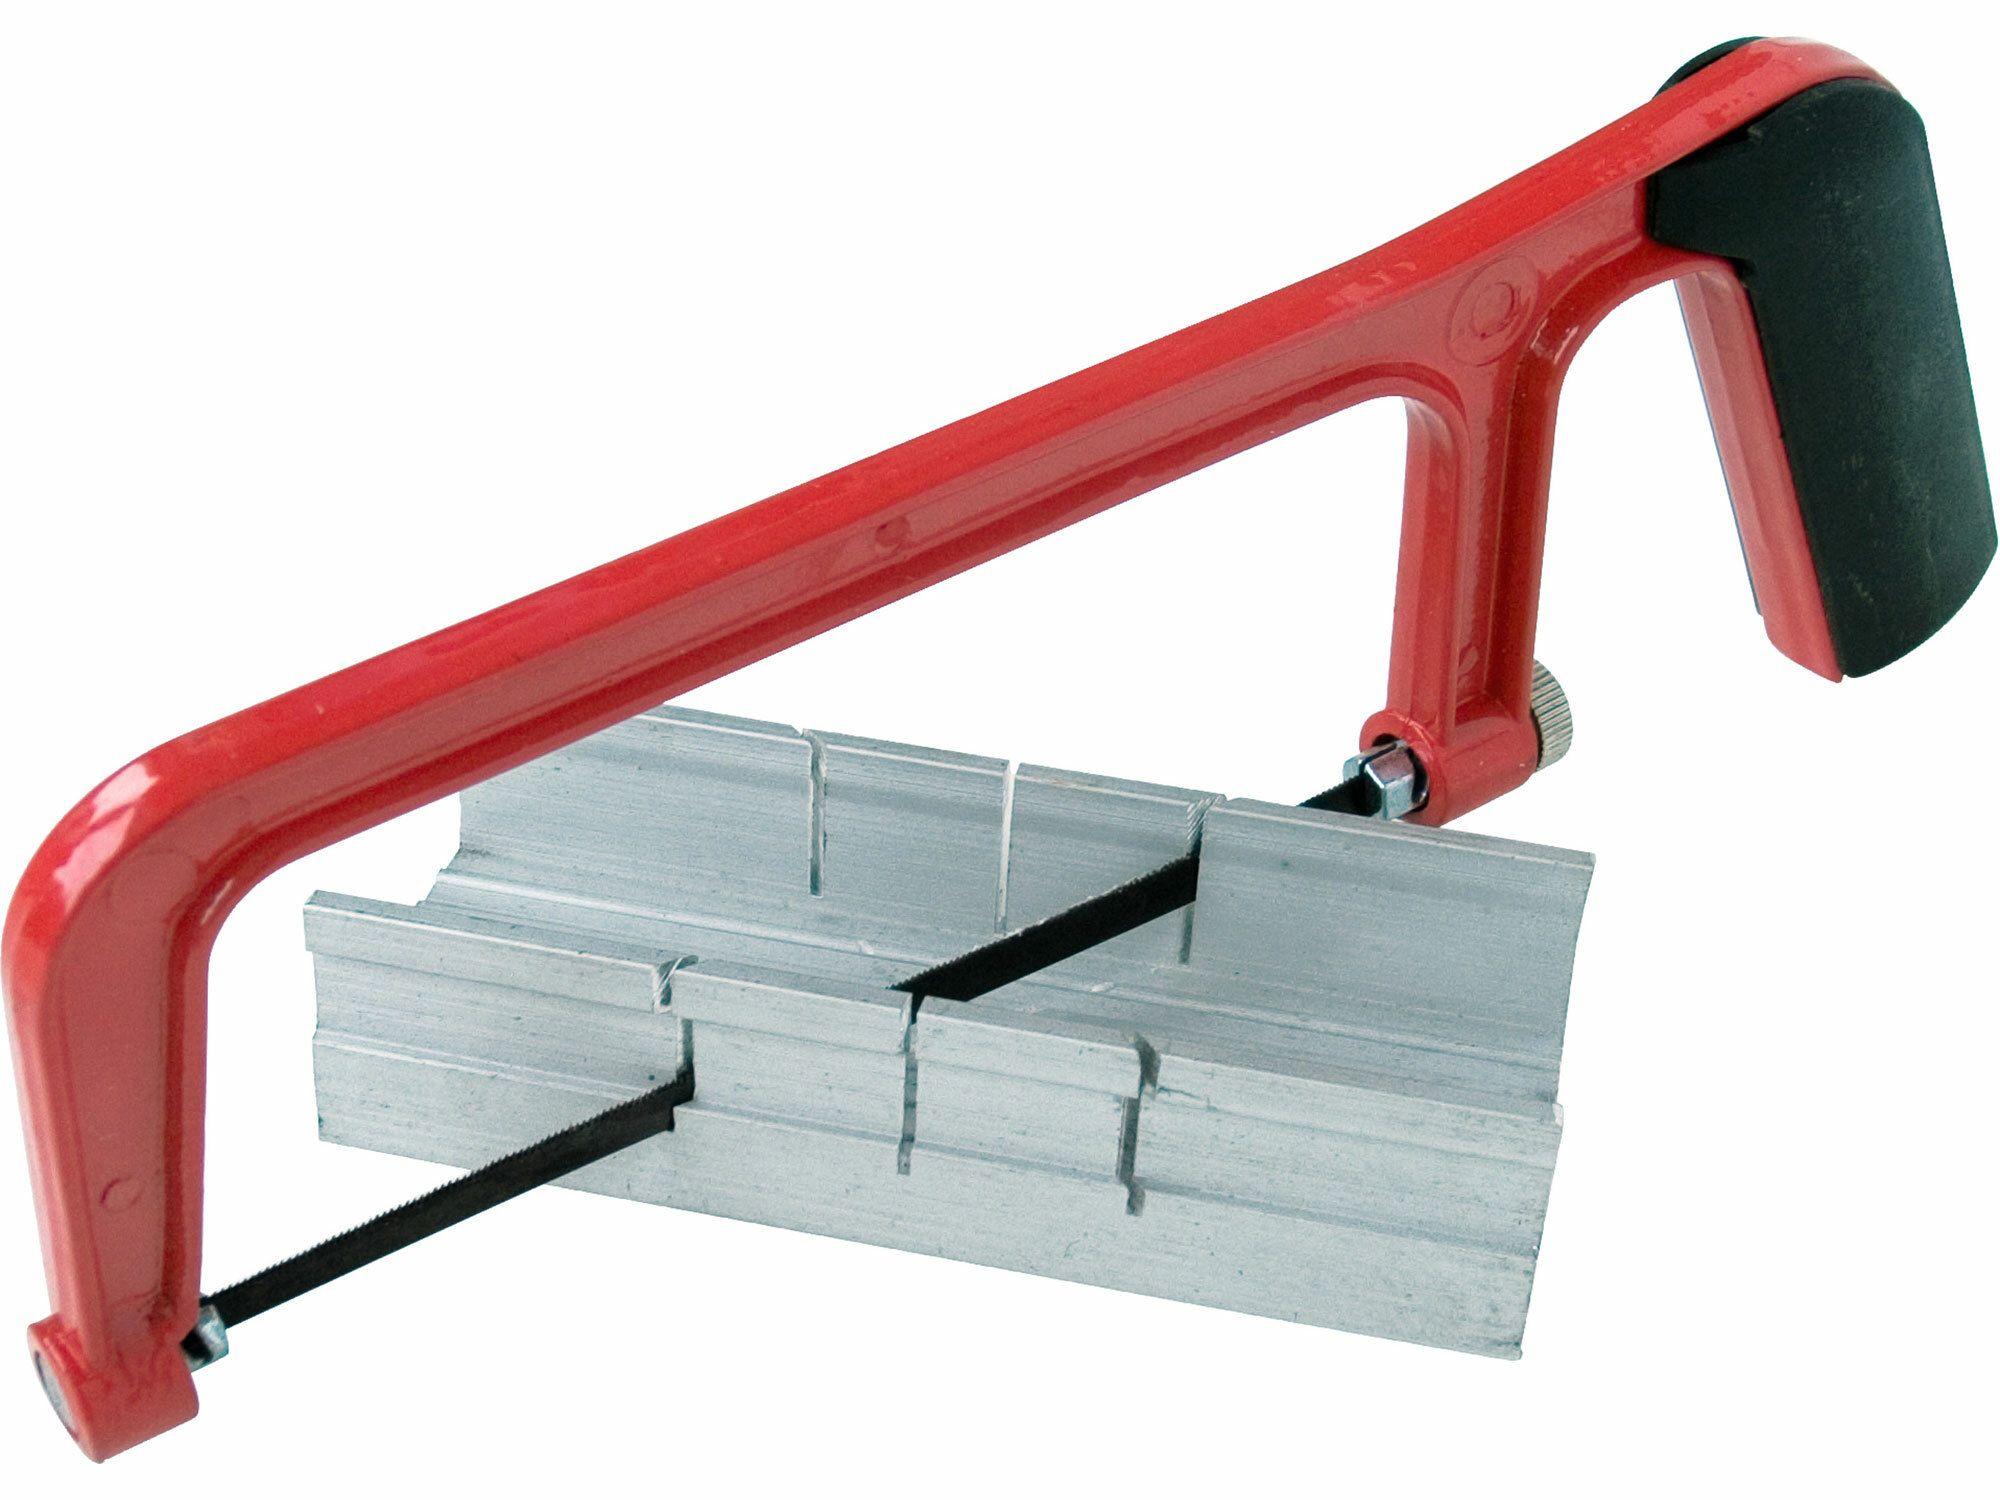 Přípravek na řezání úhlů s pilou, 135mm, hliníkový přípravek 135x47x23mm EXTOL-CRAFT